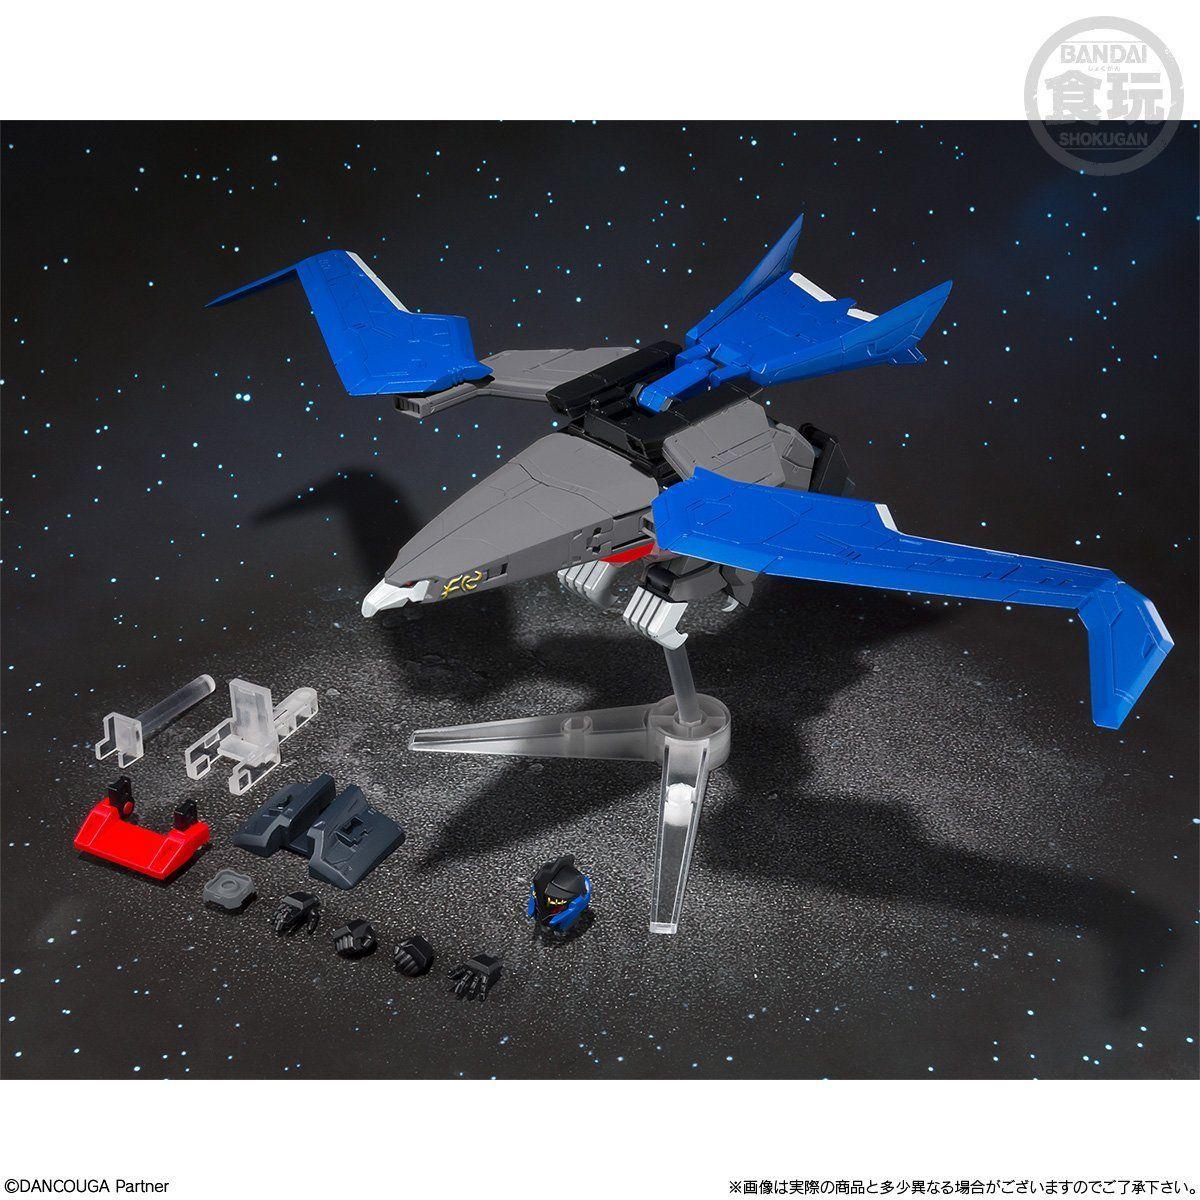 【限定販売】【食玩】スーパーミニプラ『ブラックウイング』超獣機神ダンクーガ  プラモデル-006